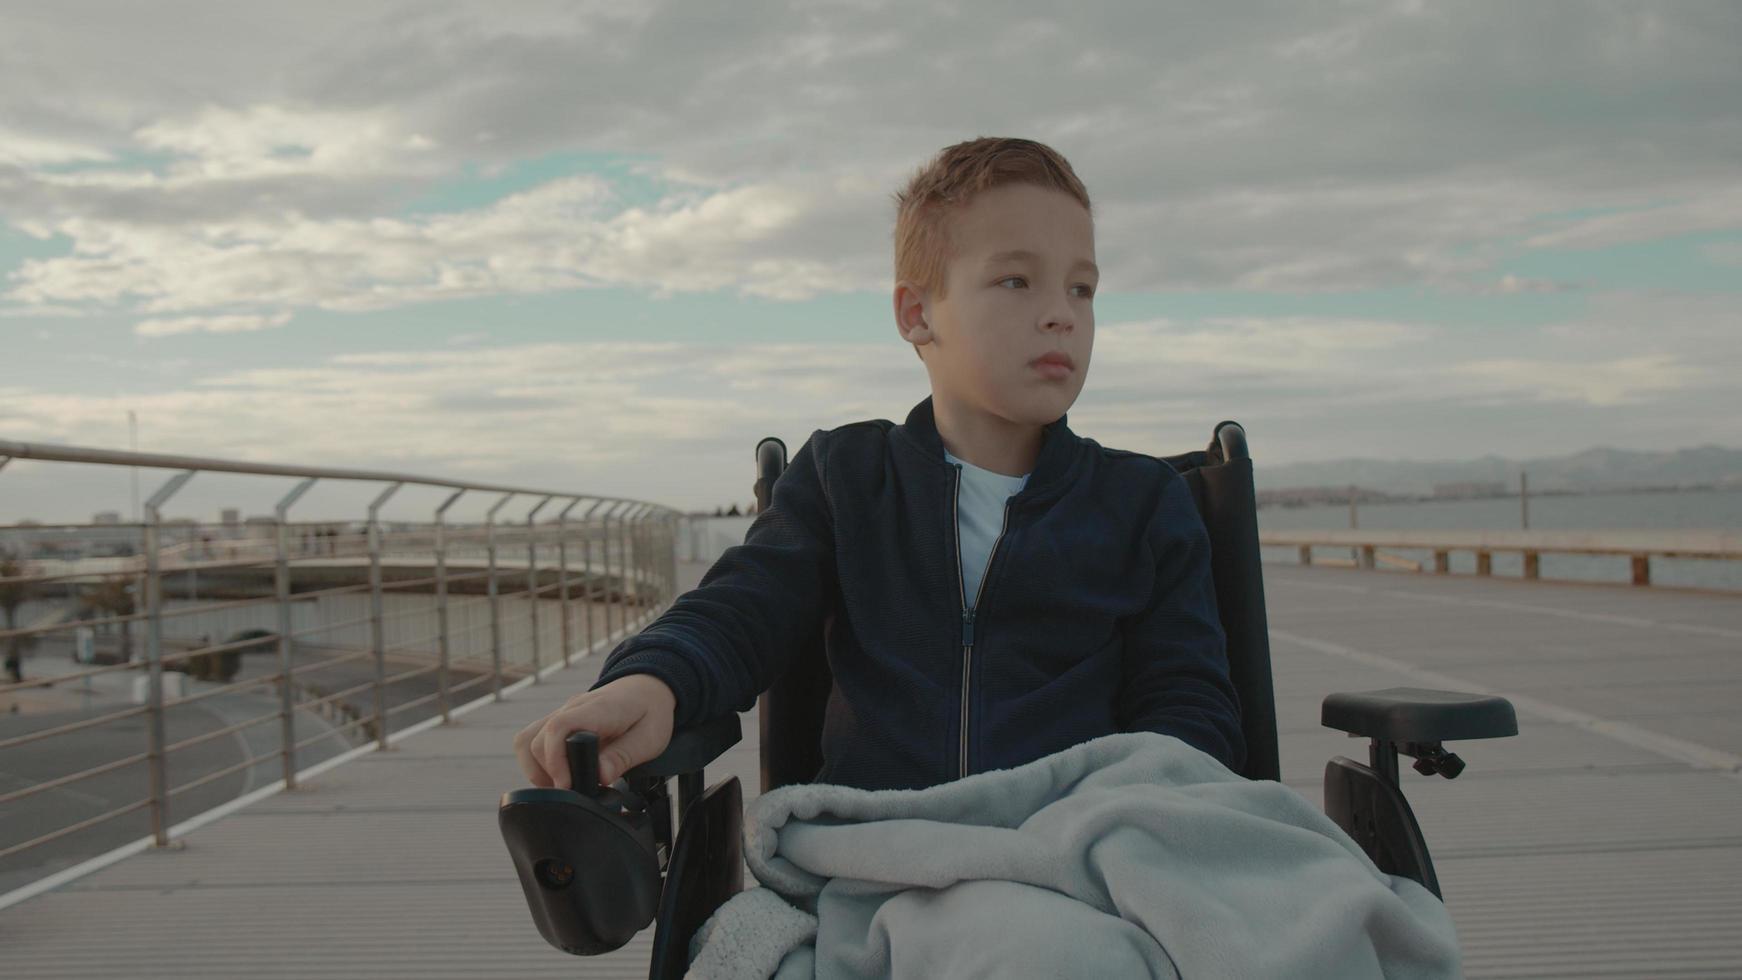 Junge im Rollstuhl draußen foto